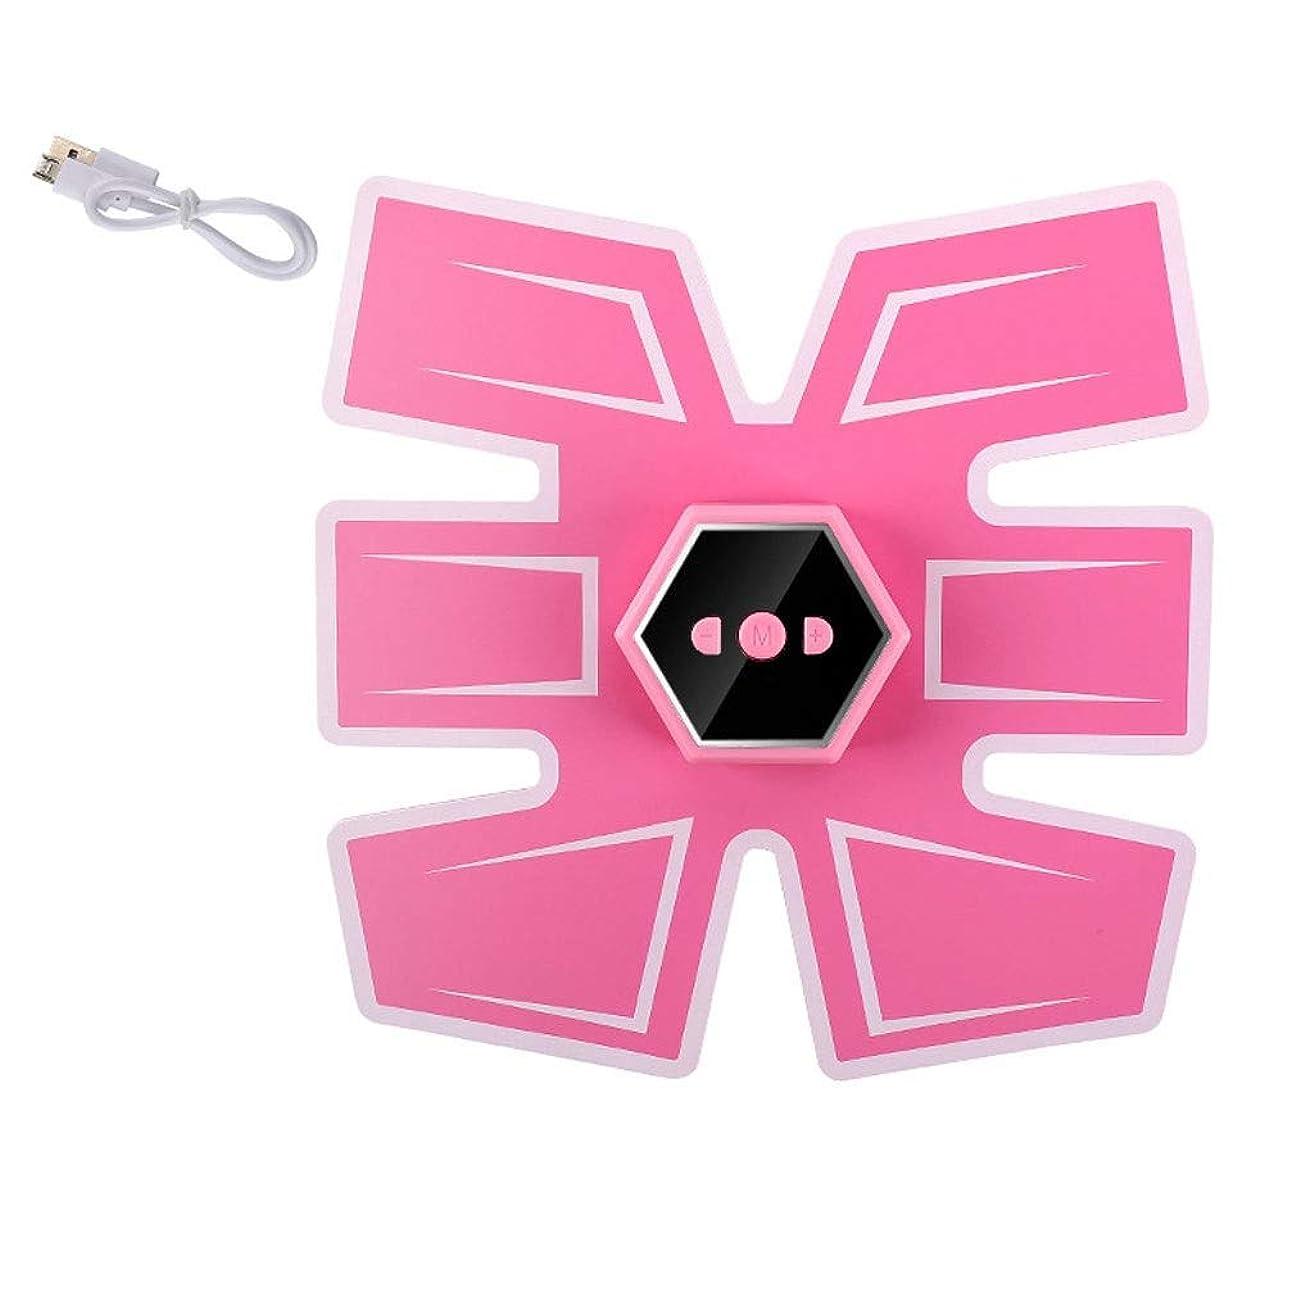 ドキドキ再開ぎこちない腹筋刺激装置、インテリジェントな音声ブロードキャストとUSB充電、Esther Beauty EMSトレーナー筋肉トナー腹部調色ベルトフィットネス機器 (Color : Ordinary-Pink, Size : B)